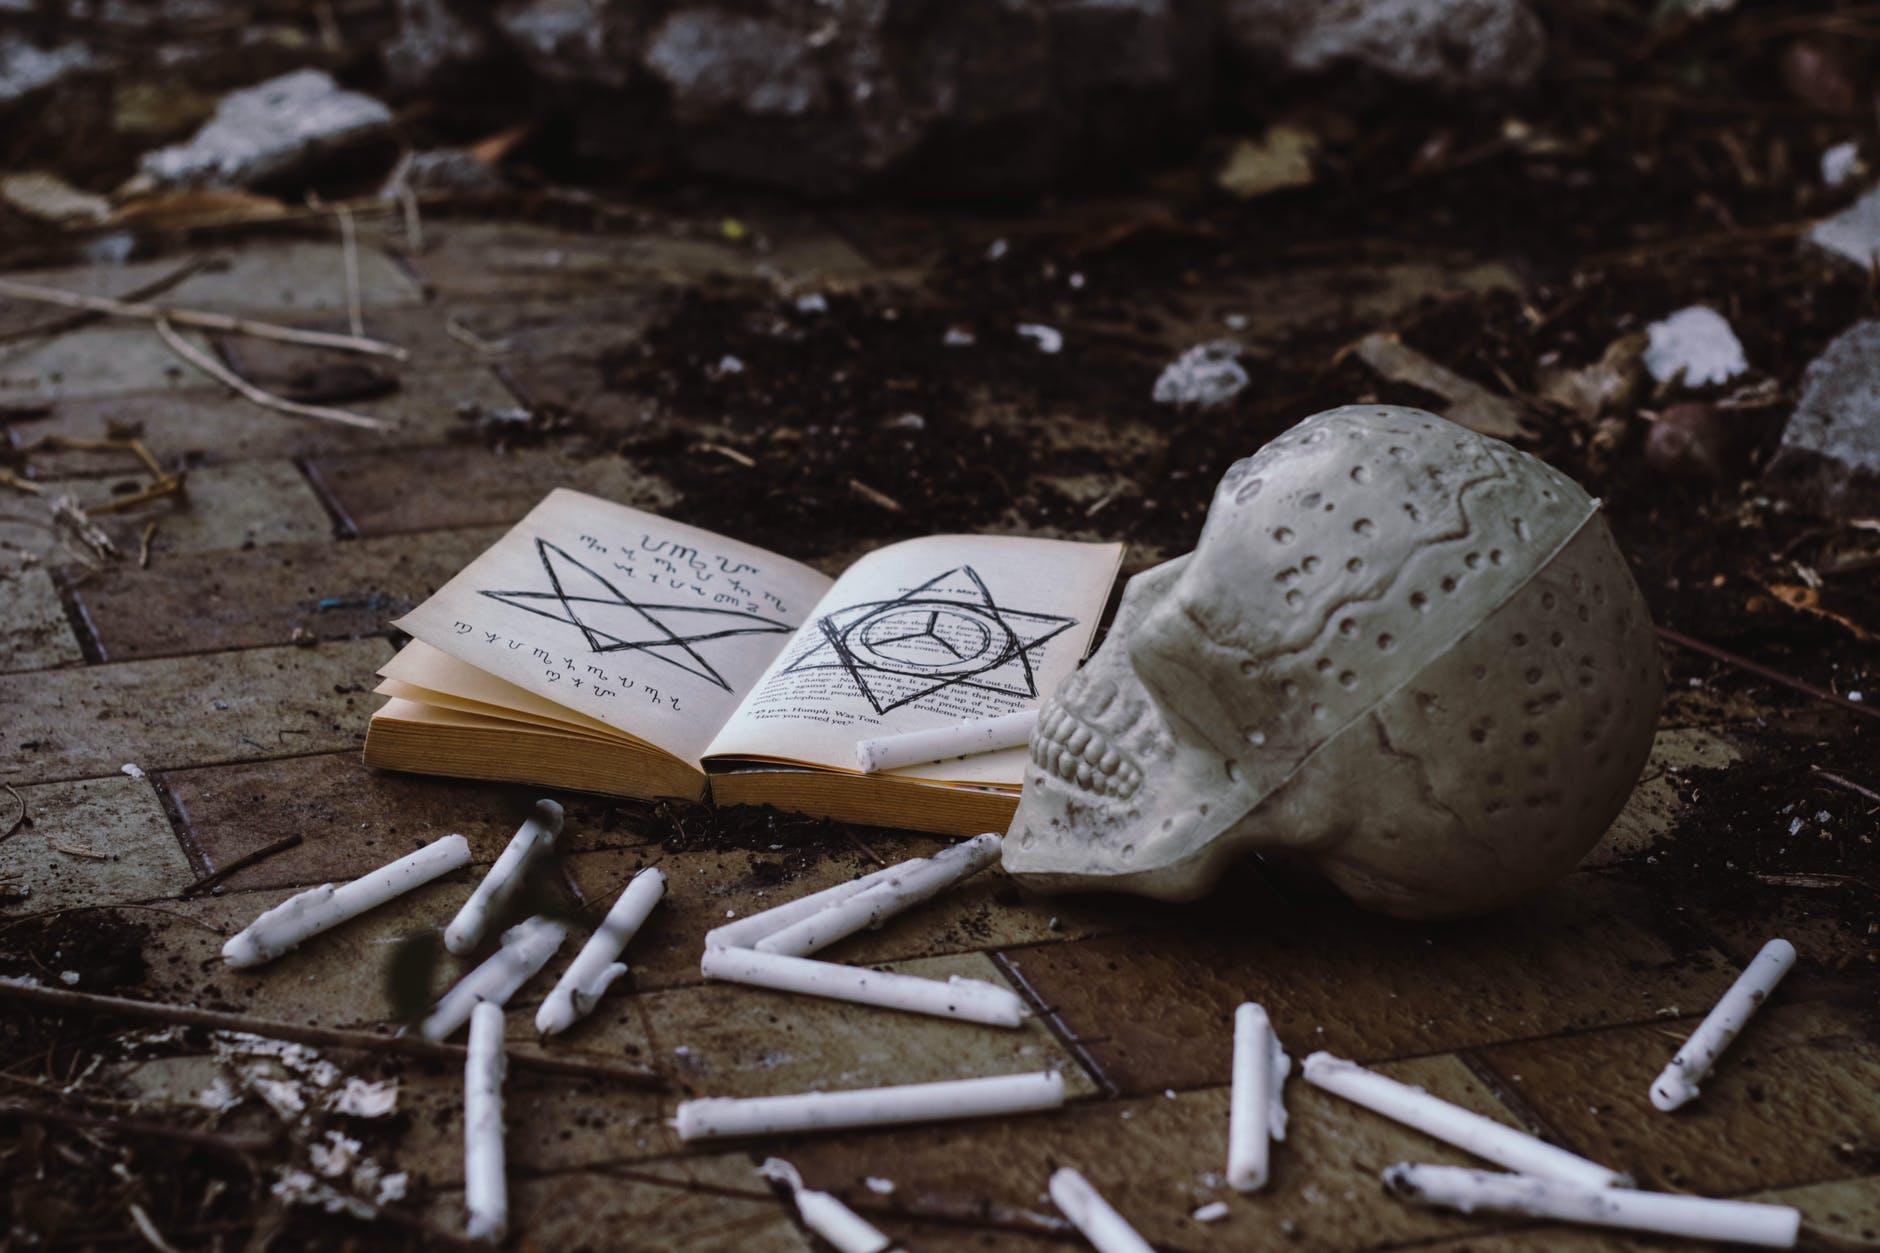 opened book near skull